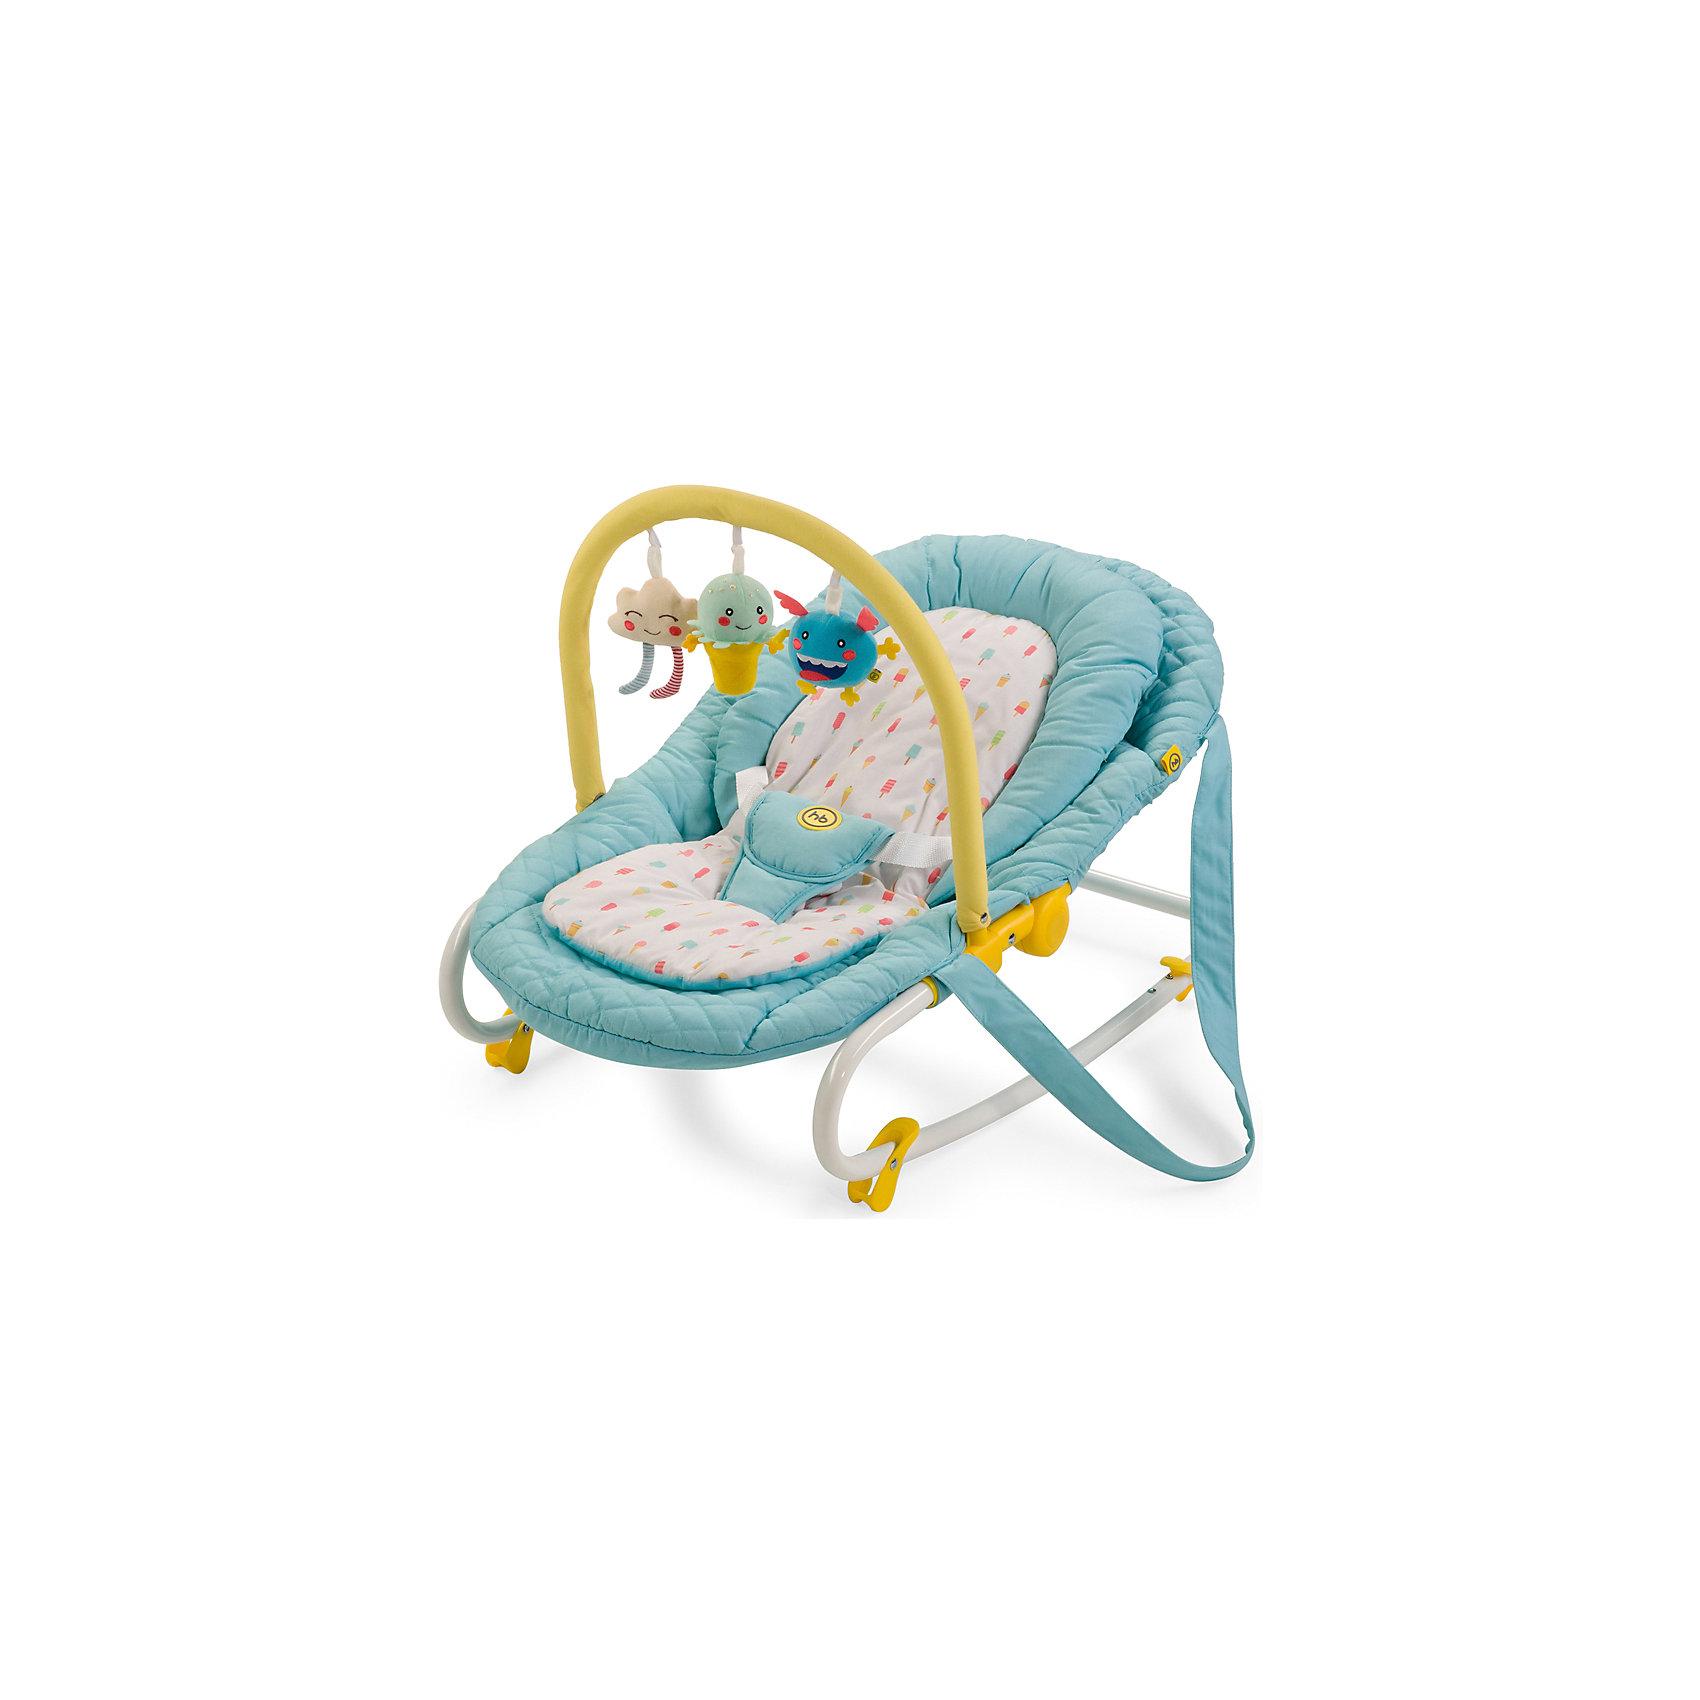 Шезлонг Nesty, Happy Baby, голубойШезлонг Nesty, Happy Baby, голубой – это уютное просторное гнездышко для малышей.<br>Шезлонг NESTY создан для малышей с рождения и до 9 кг. Три положения спинки позволят ребенку спокойно отдыхать в горизонтальном положении и бодрствовать в двух полусидящих положениях. Шезлонг отлично успокоит и укачает малыша, а благодаря четырем фиксаторам опоры, шезлонг можно зафиксировать в устойчивом горизонтальном положении. Трехточечные ремни безопасности надежно зафиксируют ребенка в шезлонге. Благодаря оригинальной расцветке и съемной дуге с яркими позитивными игрушками, малышу не будет скучно. Предусмотрены ремни для переноски, что очень удобно для транспортировки шезлонга. Мягкая внутренняя вкладка легко стирается и позволит малышу чувствовать себя в шезлонге комфортно.<br><br>Дополнительная информация:<br><br>- Возраст: с рождения<br>- Максимальная нагрузка: 9 кг.<br>- Цвет: голубой<br>- Регулировка наклона, 3 положения<br>- Трехточечные ремни безопасности<br>- Ограничители качания на ножках<br>- Съемная мягкая вкладка-матрасик<br>- Ручки для переноски<br>- Съемная дуга со сменными игрушками<br>- Материал: каркас - пластик, металл; тканые материалы - 100% полиэстер<br>- Размер в разложенном виде: 85х49х57 см.<br>- Ширина сиденья: 30 см.<br>- Глубина сиденья: 35 см.<br>- Длина спального места: 85 см.<br>- Вес: 3,3 кг.<br><br>Шезлонг Nesty, Happy Baby, голубой можно купить в нашем интернет-магазине.<br><br>Ширина мм: 90<br>Глубина мм: 510<br>Высота мм: 865<br>Вес г: 4600<br>Возраст от месяцев: 0<br>Возраст до месяцев: 6<br>Пол: Унисекс<br>Возраст: Детский<br>SKU: 4914548